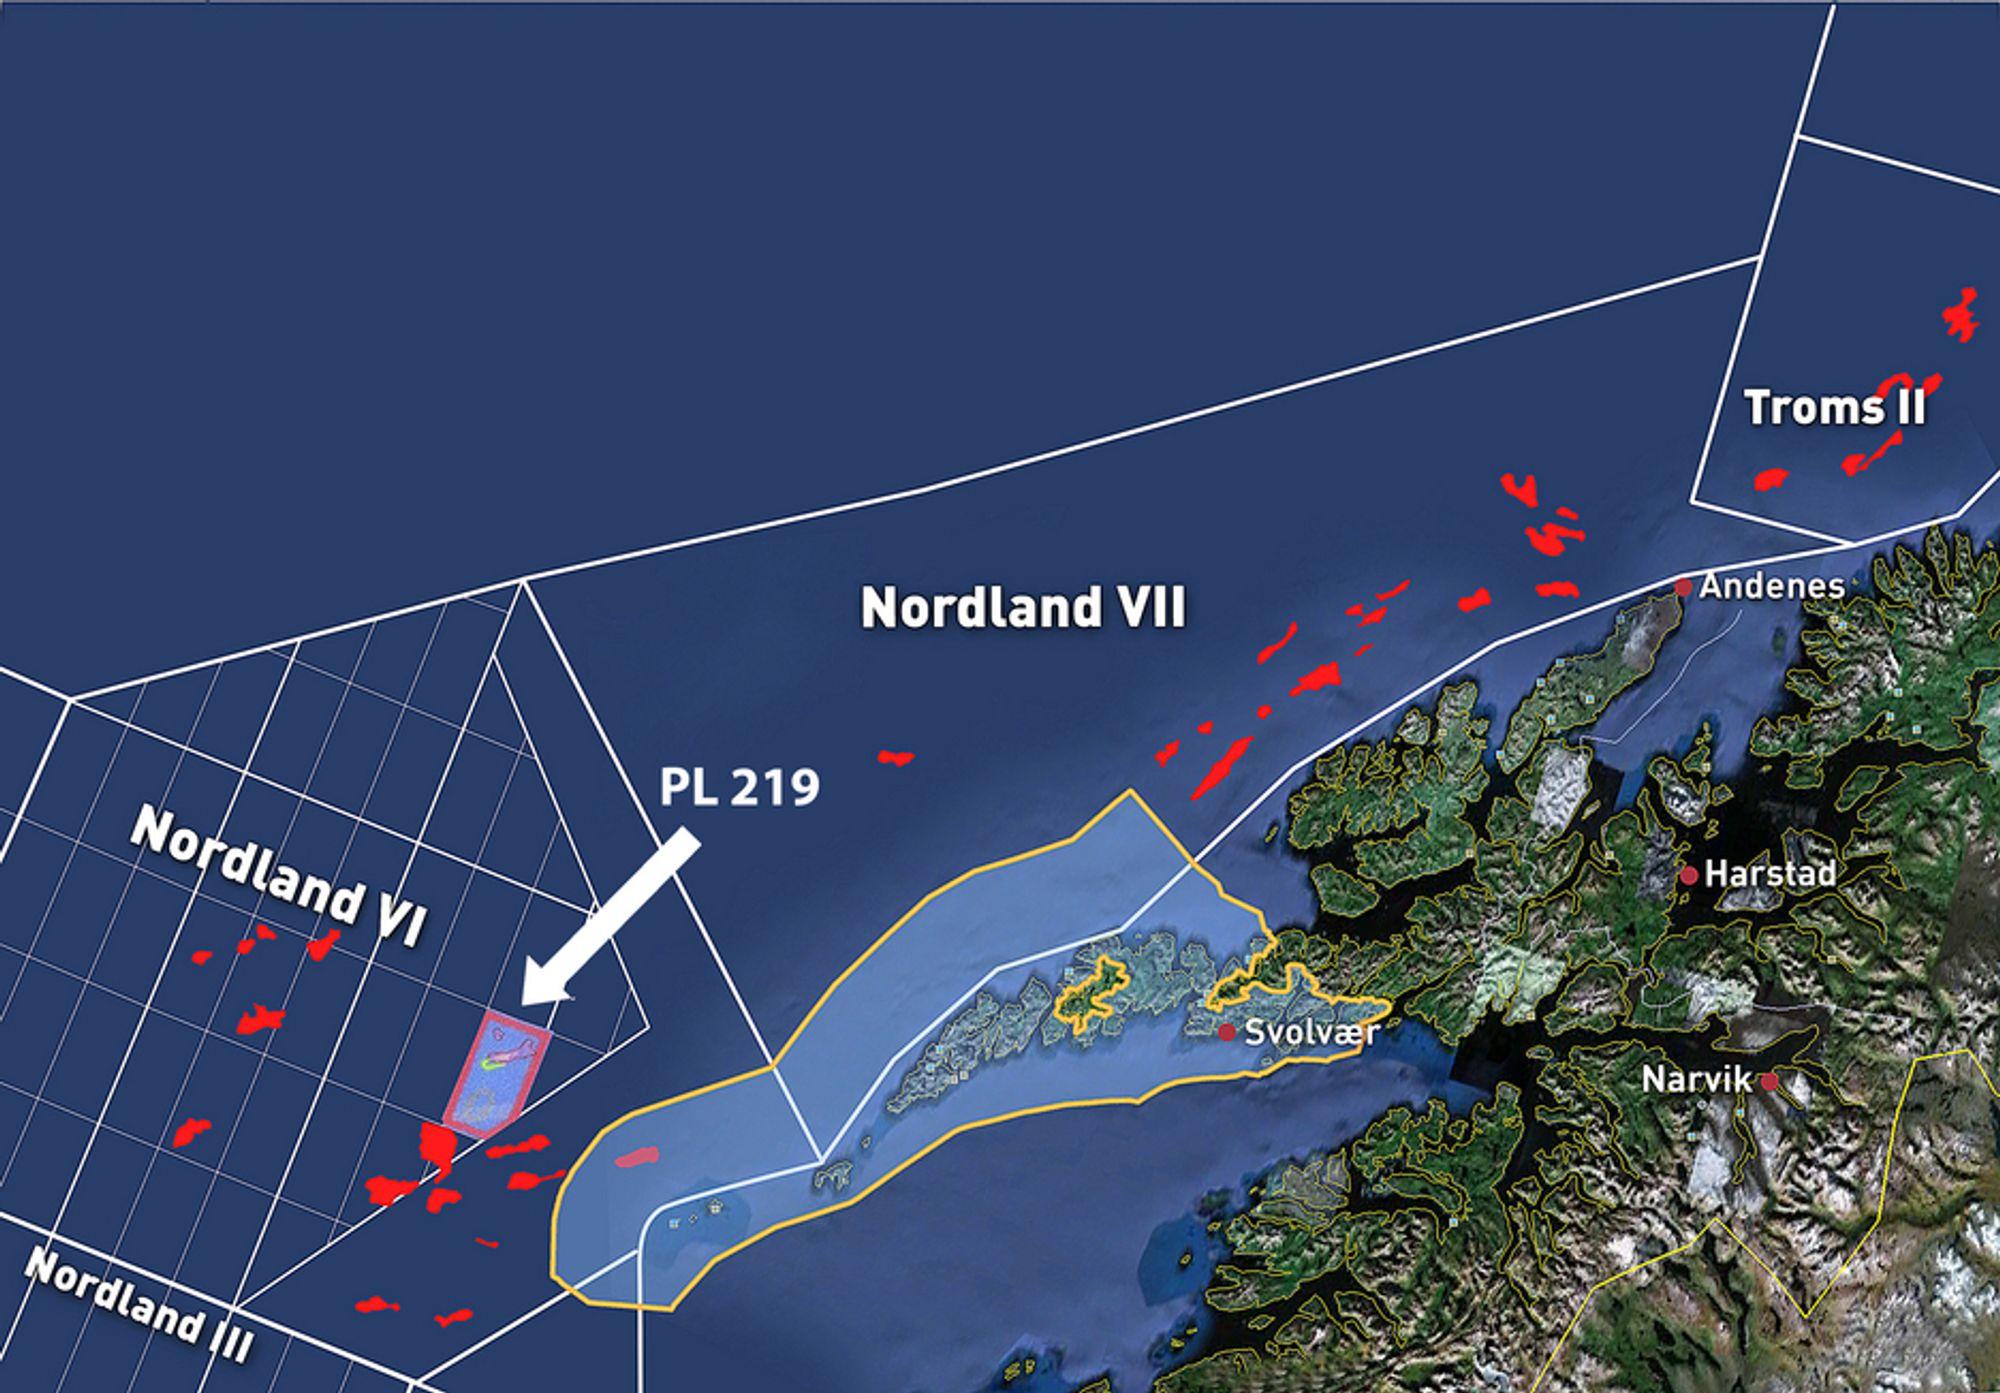 LOVENDE BLOKK: Tidligere seismikk viser et stort prospekt i blokken til Statoil. Det er ukjent hvorfor Oljedirektoratet ikke har med strukturen (markert rosa) i sin siste oversikt over prospekter utenfor Lofoten.